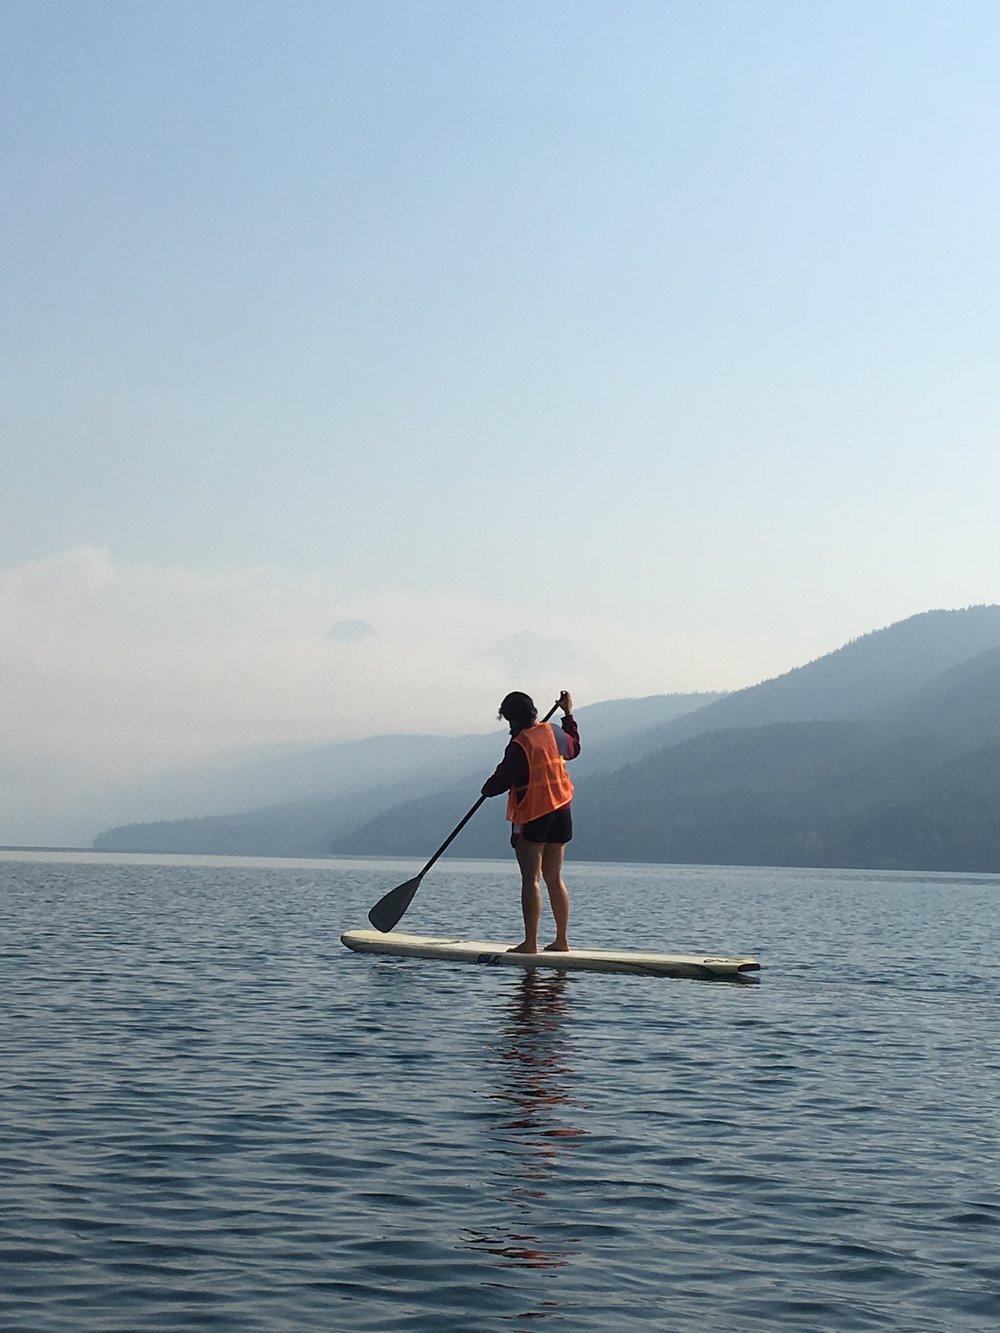 Zen paddling